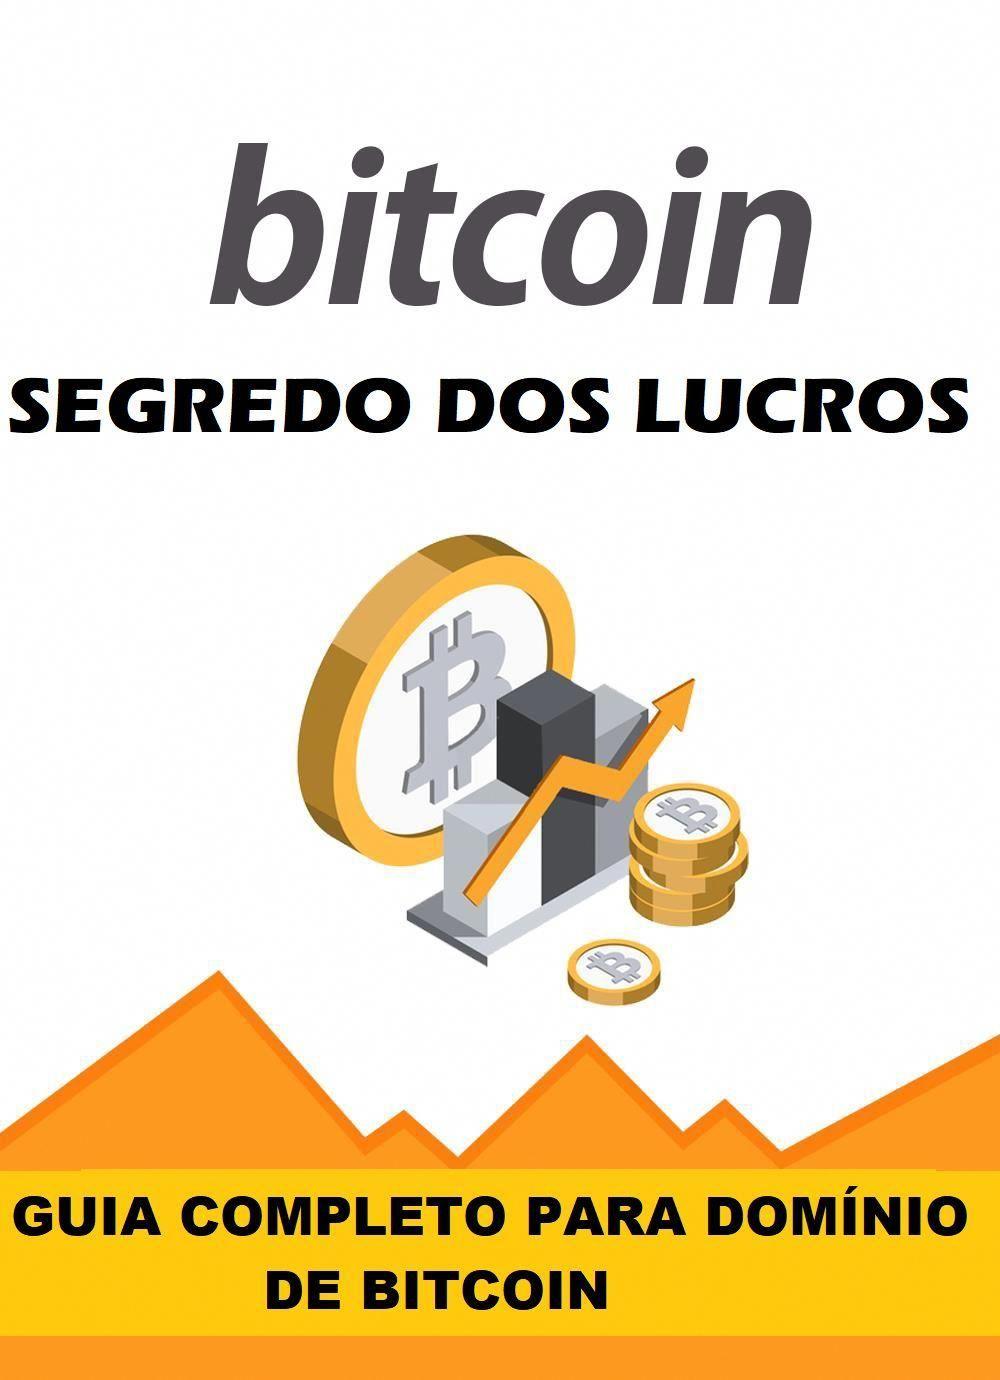 melhores sites de negociação de criptomoedas na portugal você pode ganhar dinheiro com criptomoeda